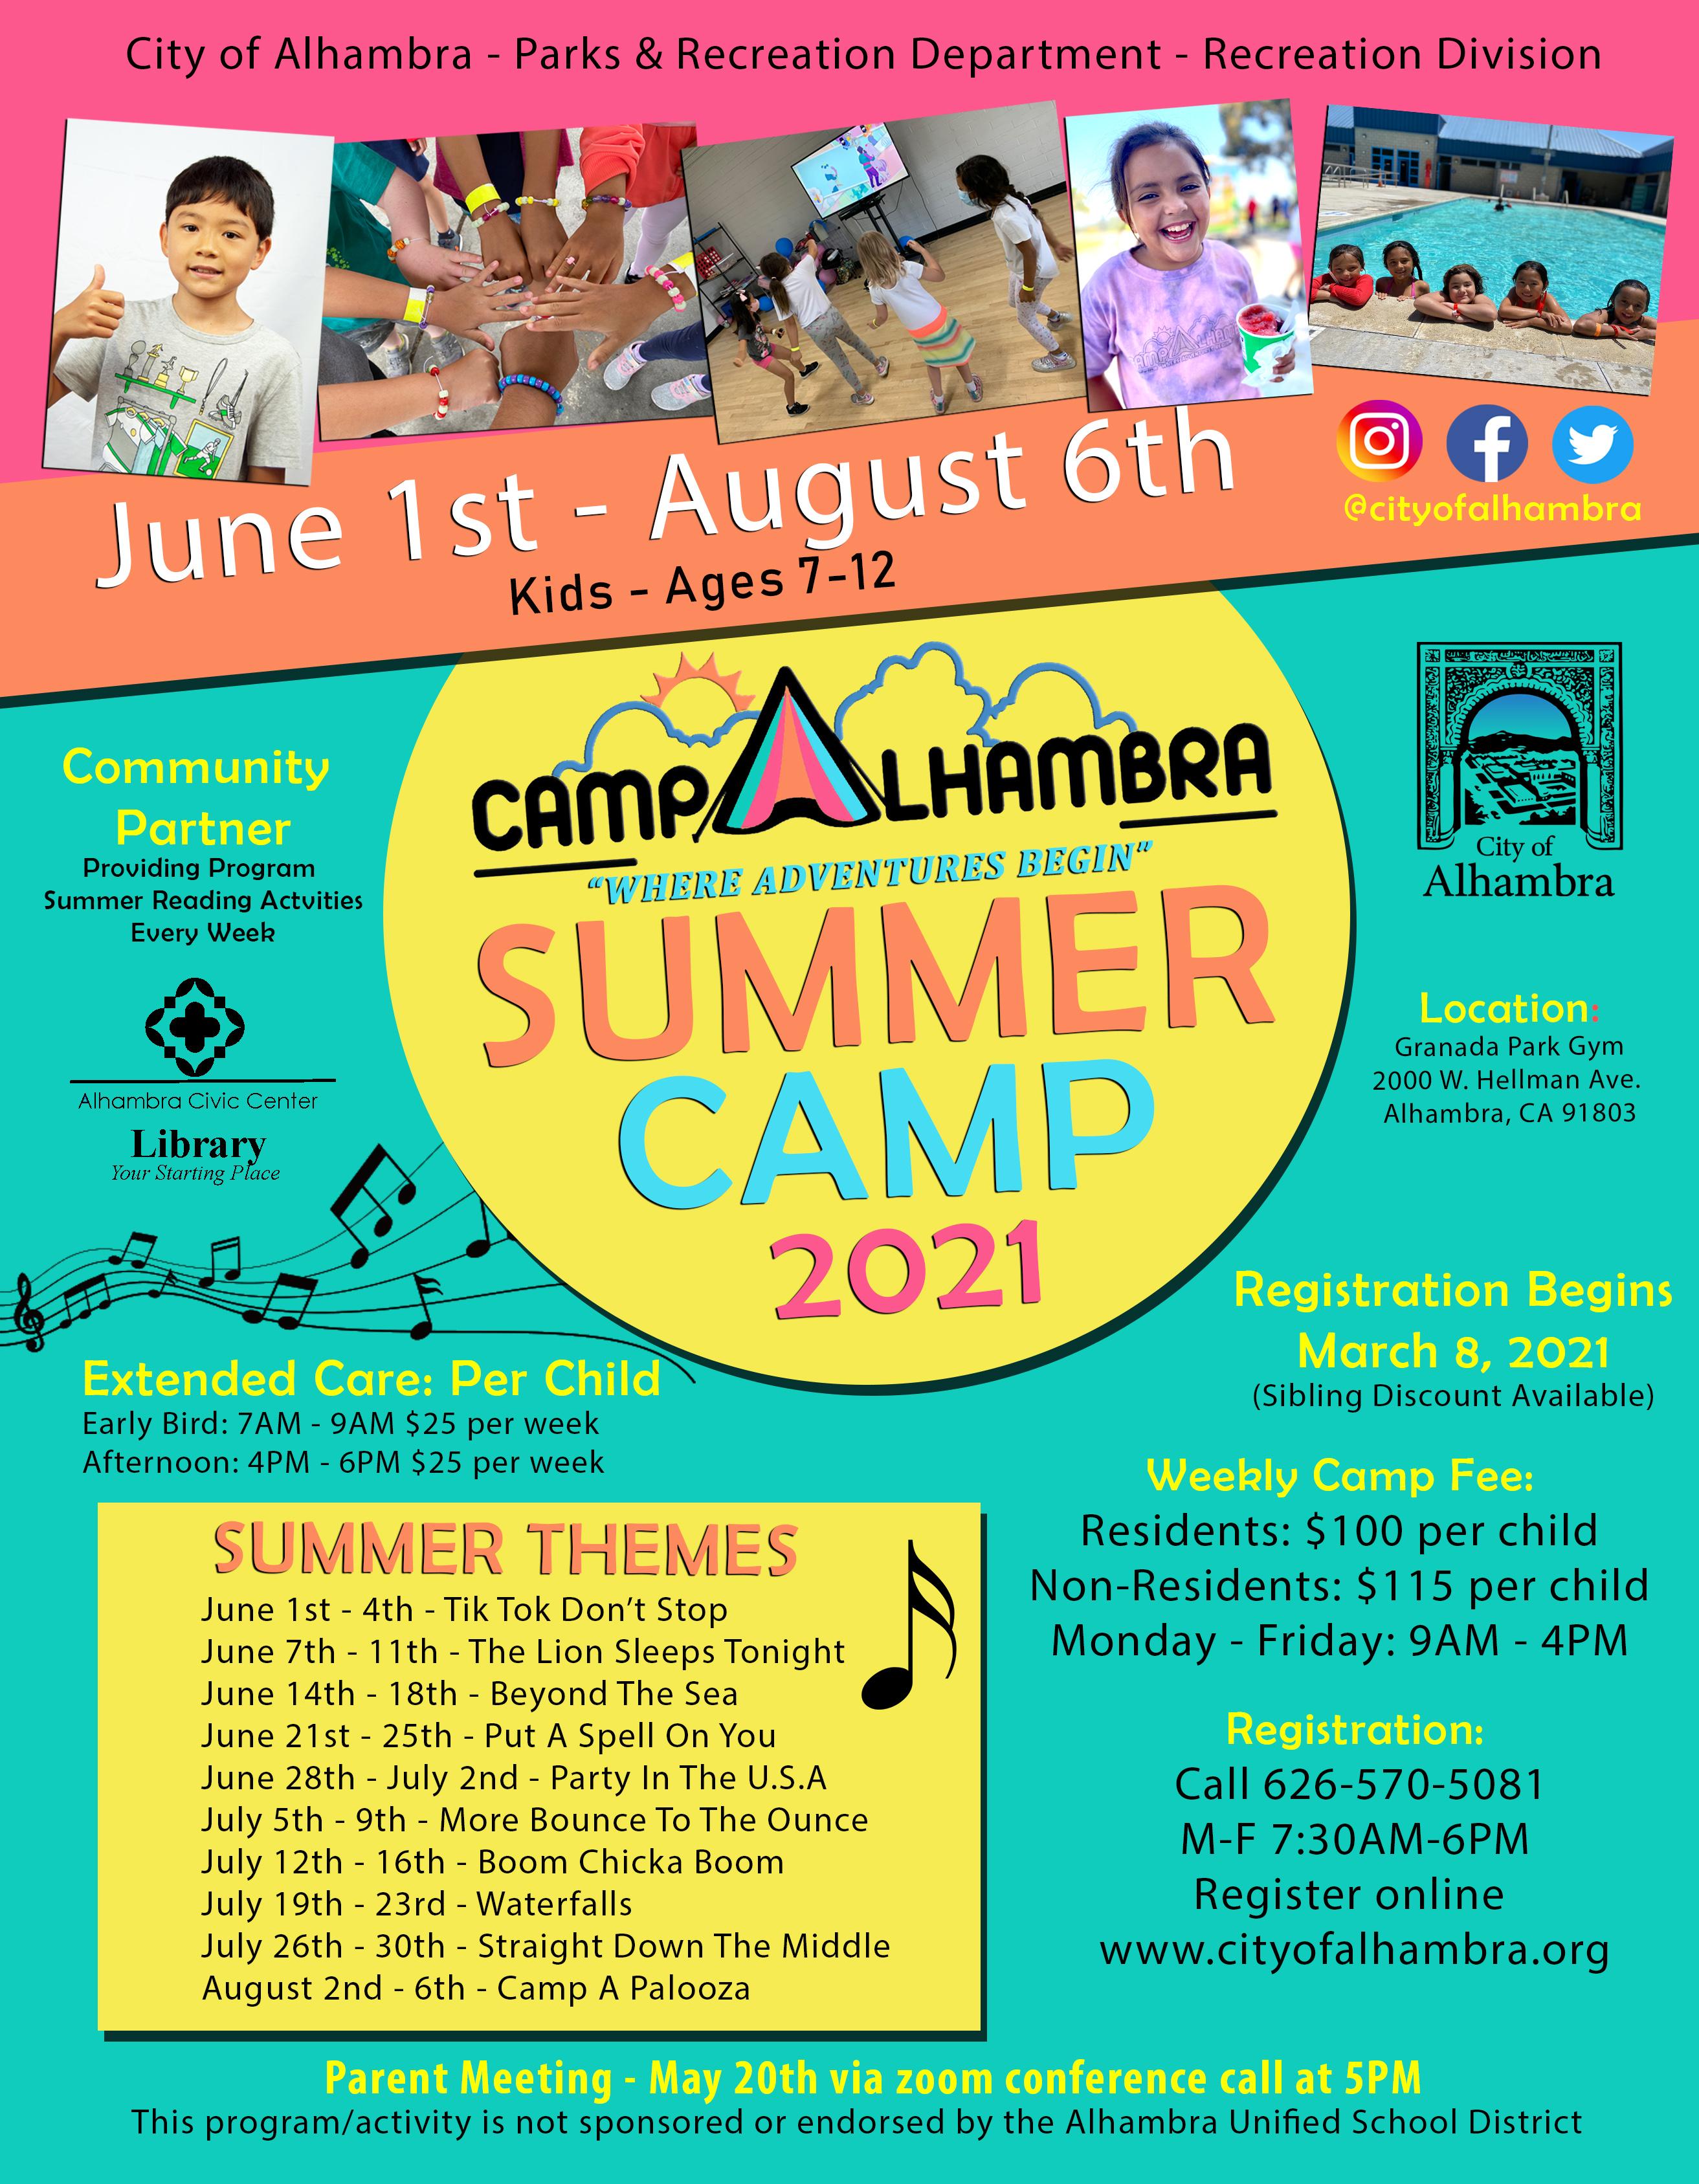 Camp Alhambra 2021 flyer